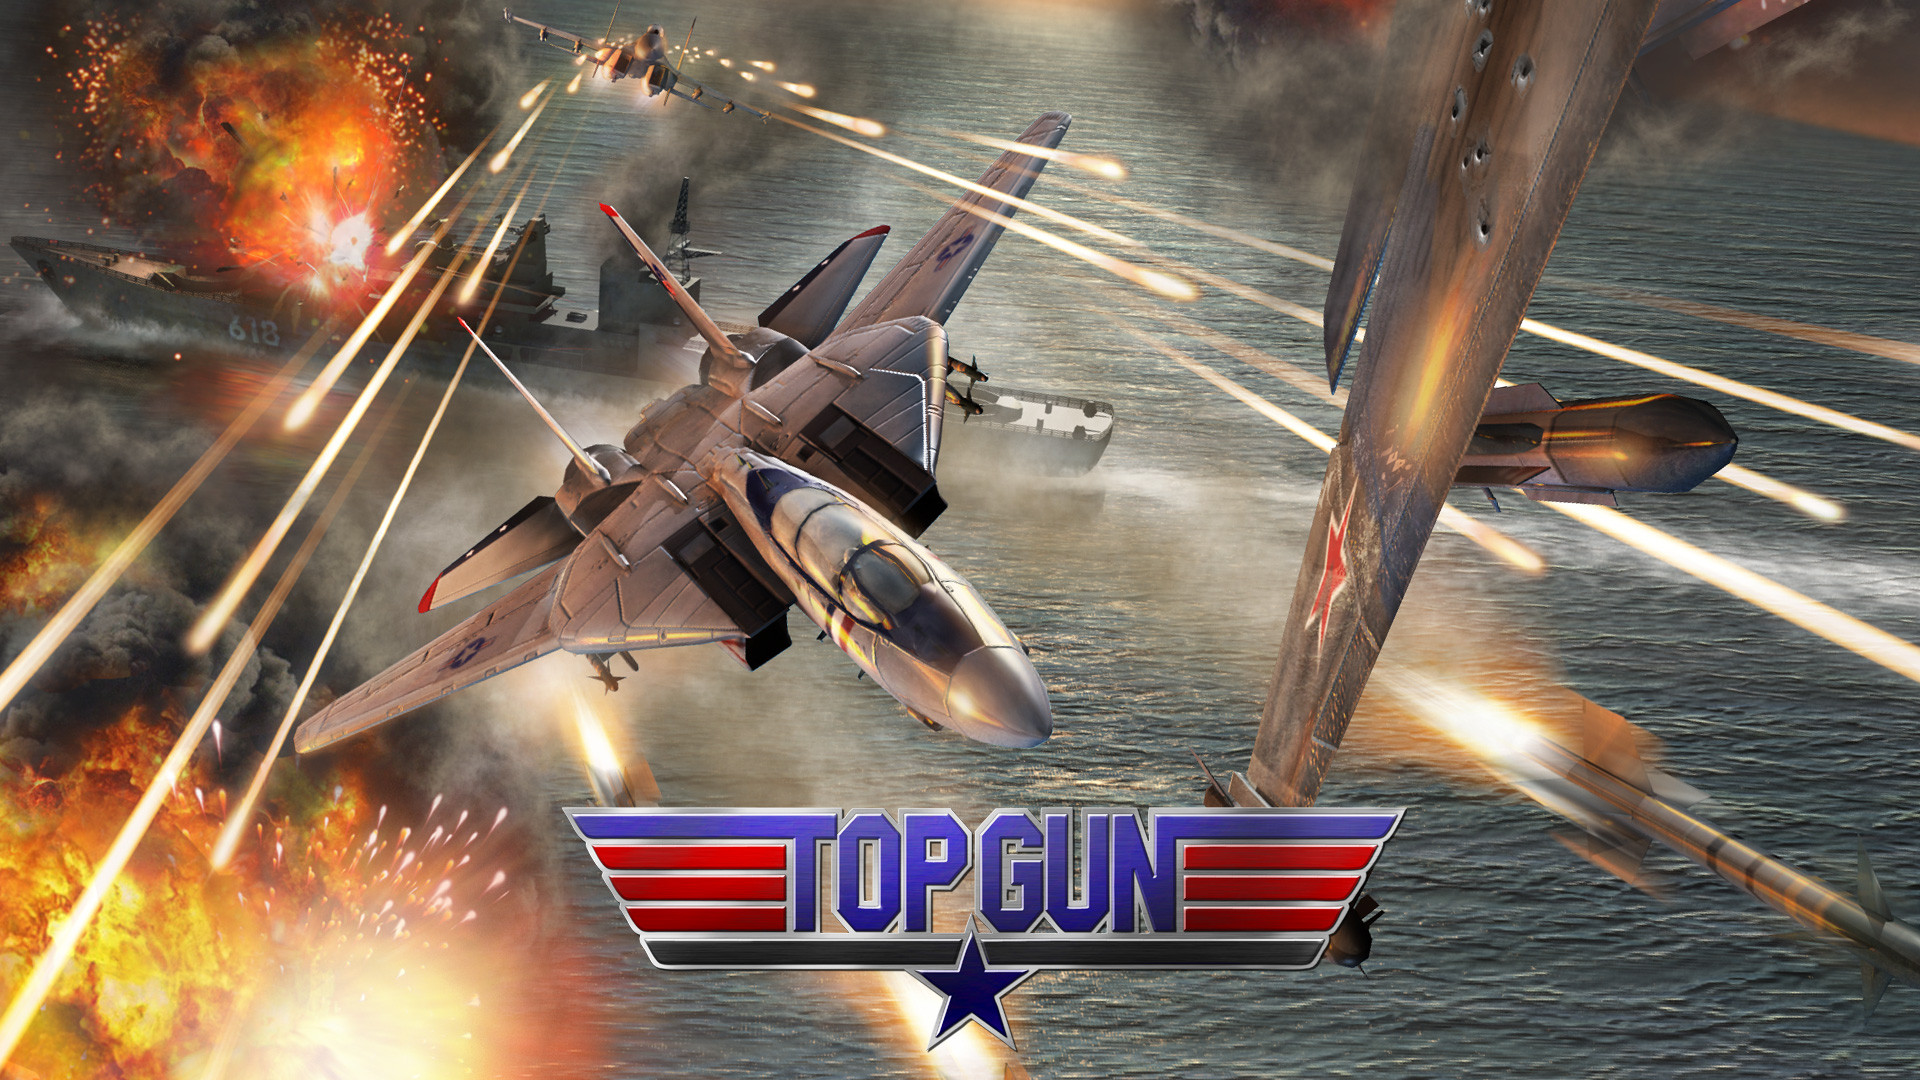 Top Gun wallpaper 244456 1920x1080